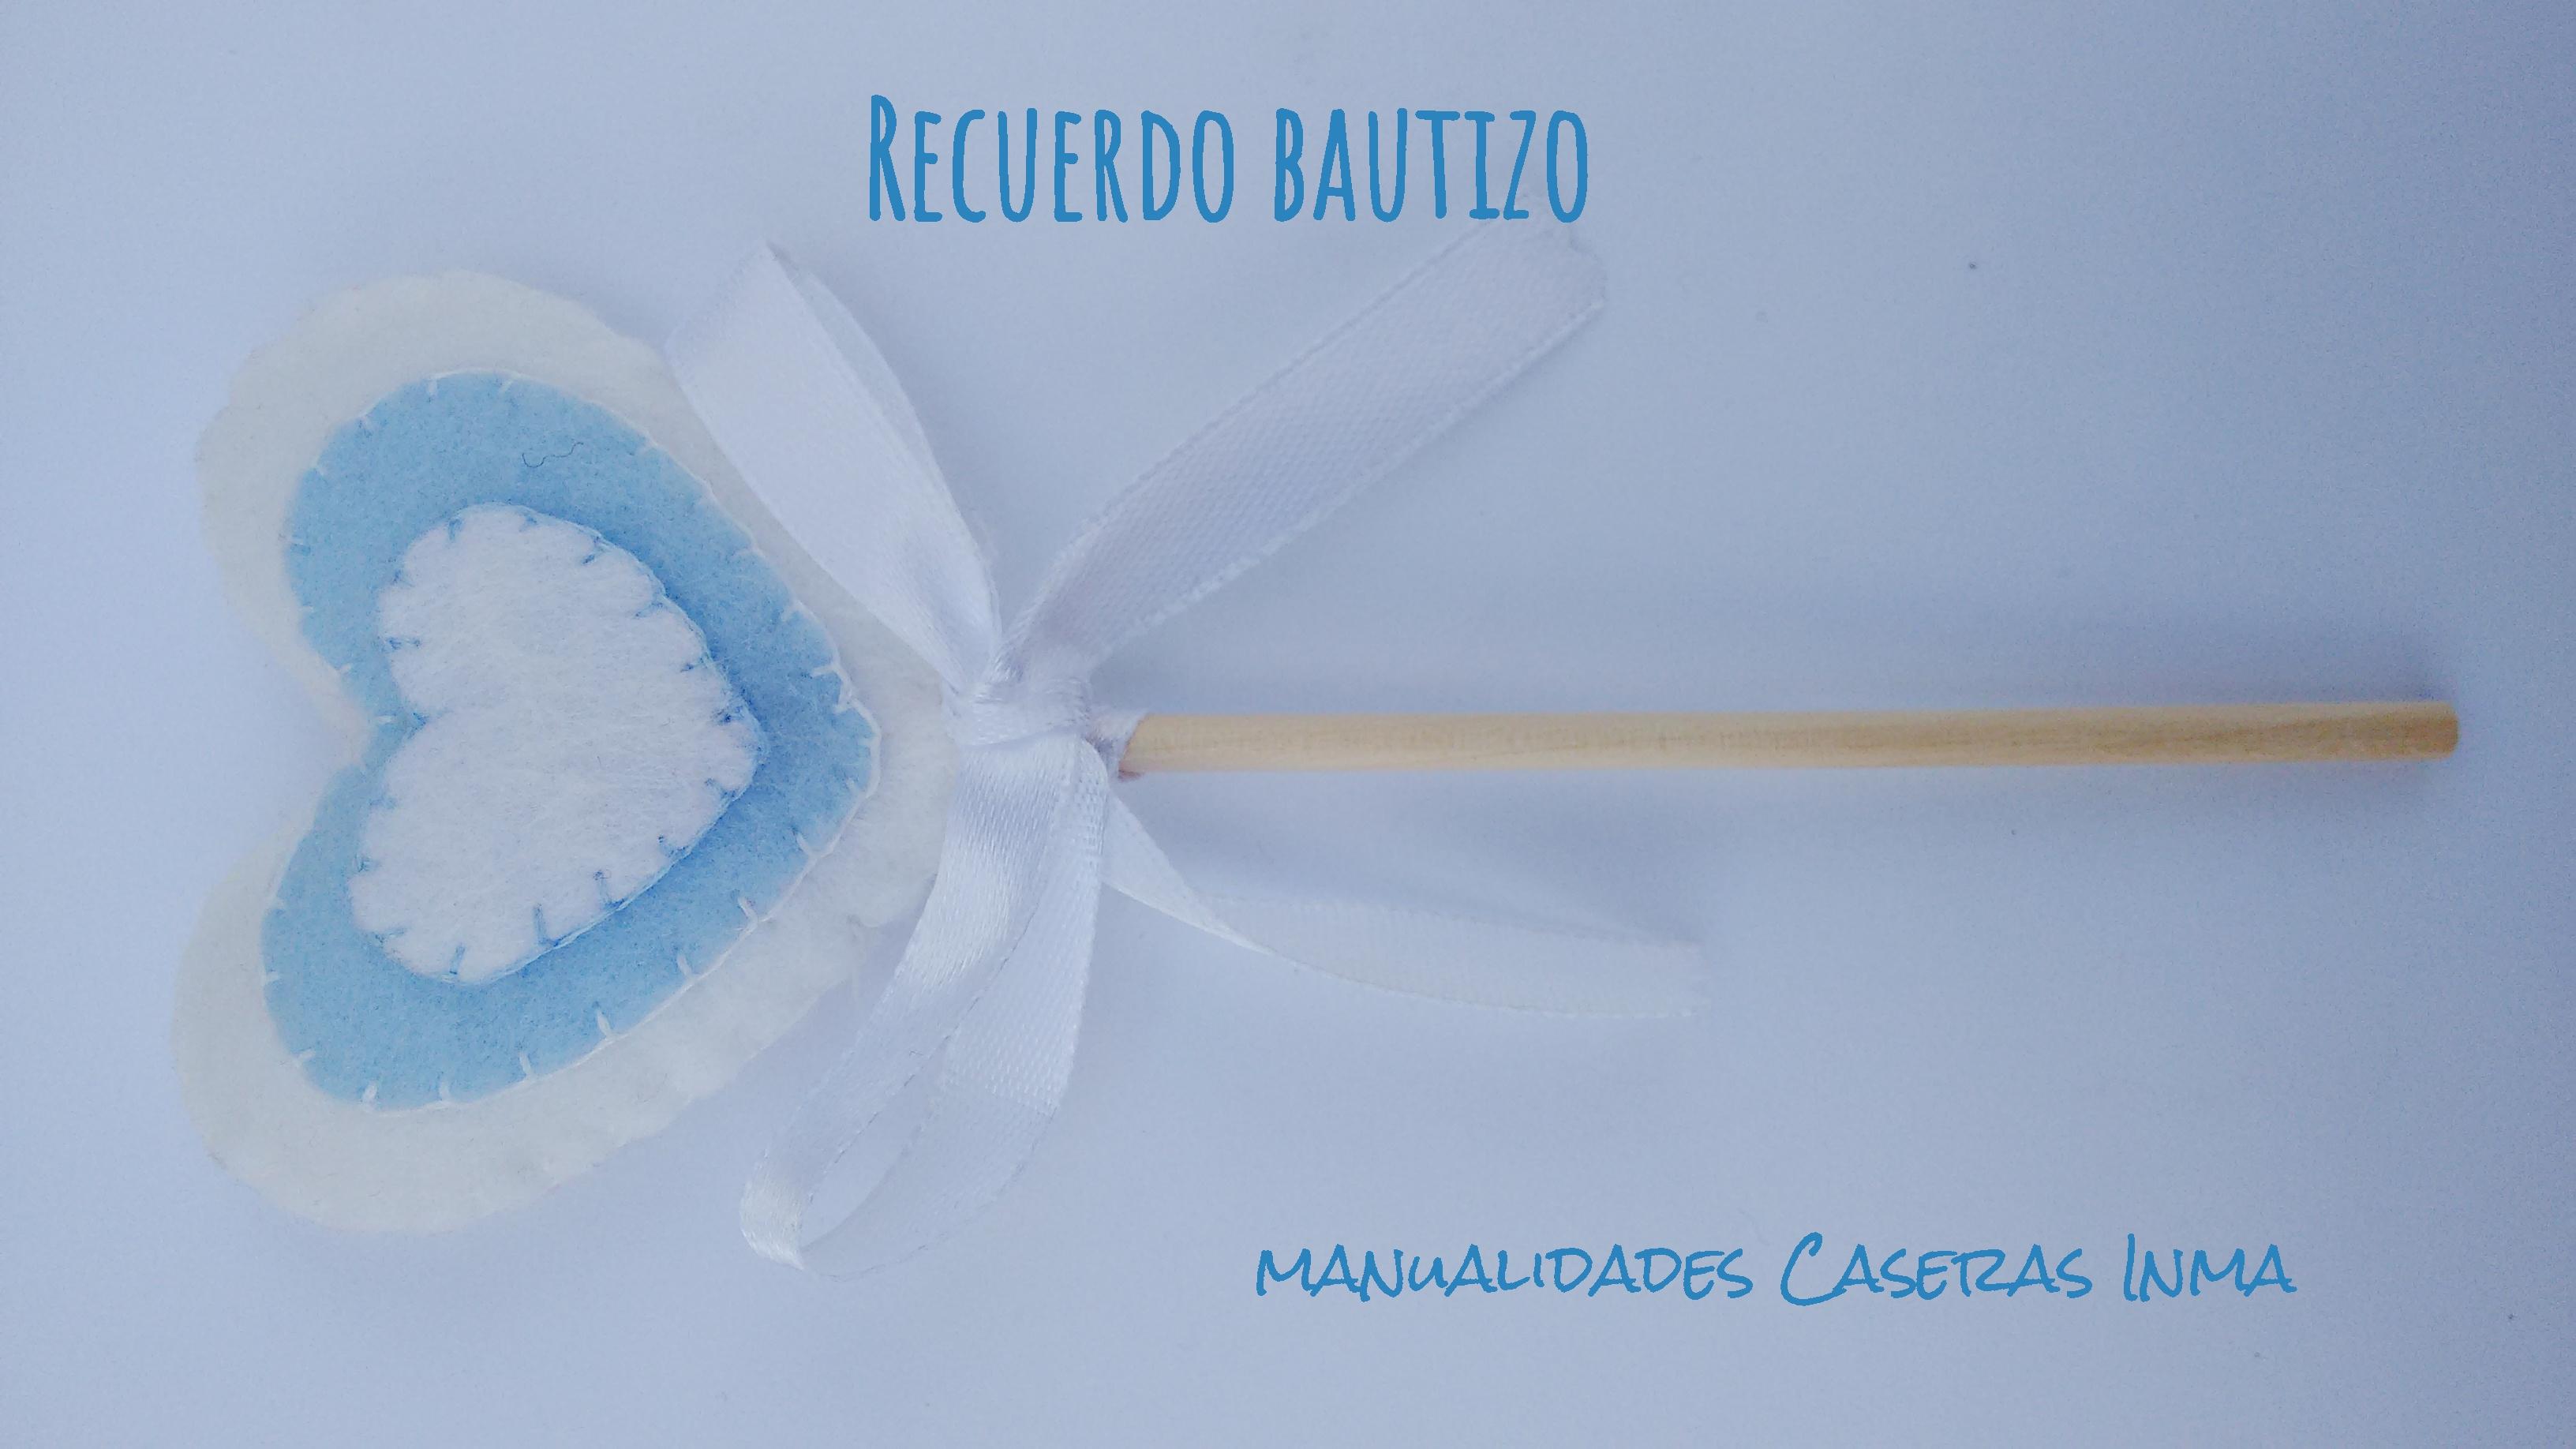 Manualidades Caseras Inma_ Recuerdo de bautizo sencillos